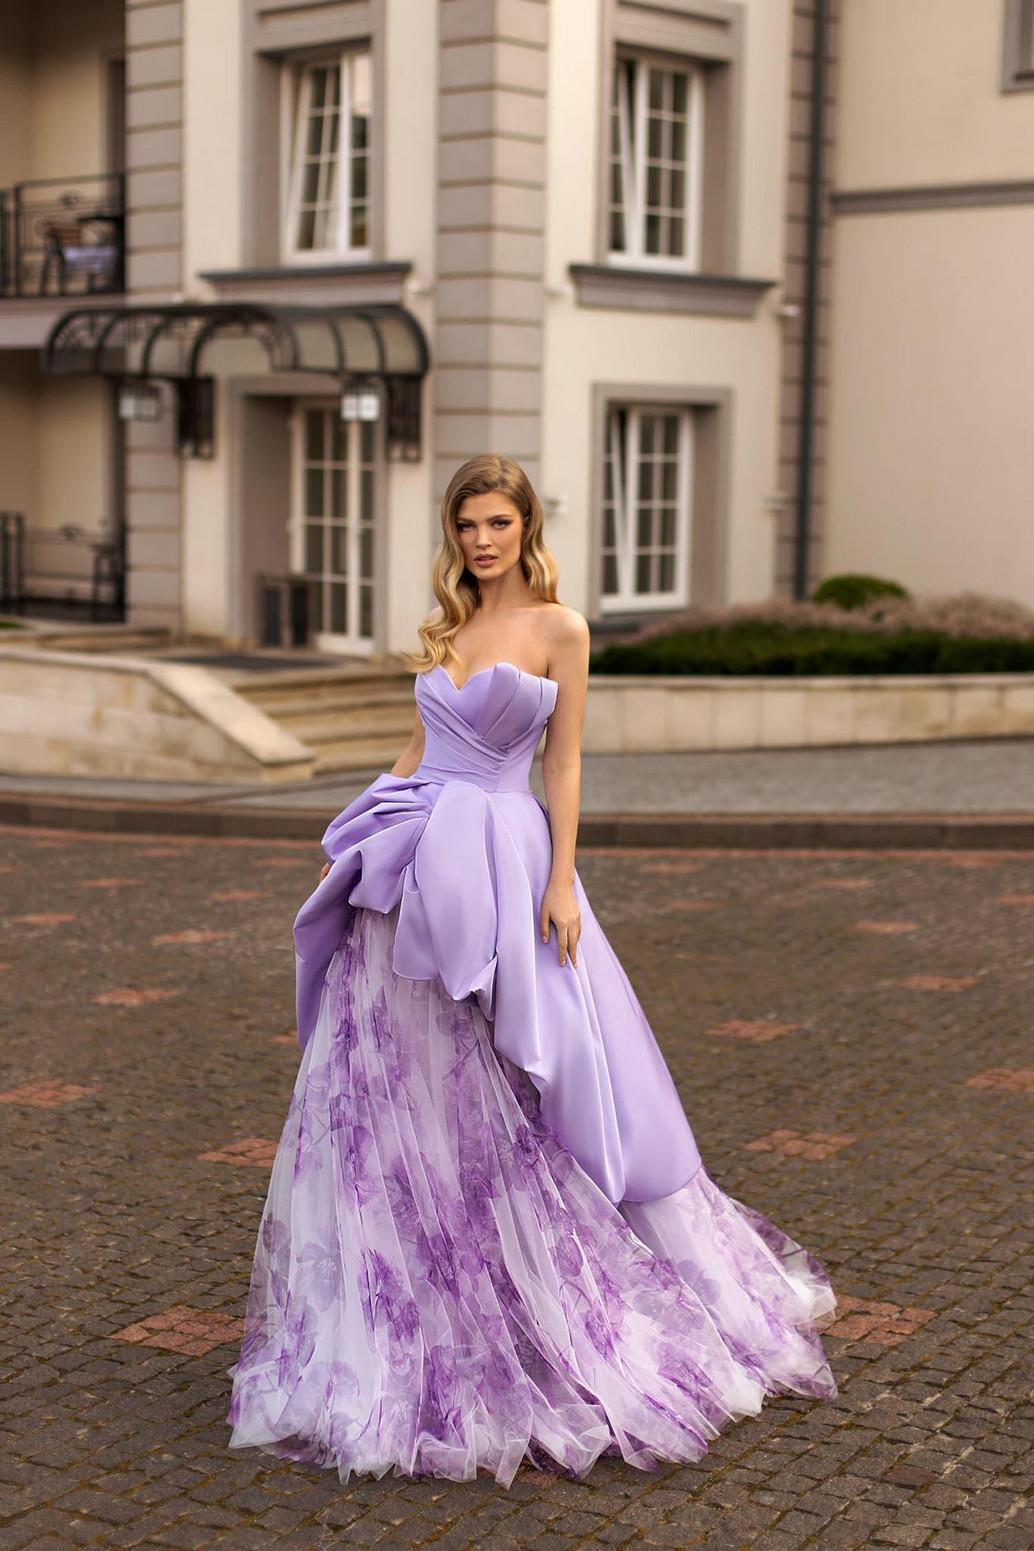 Night Dress 21-V-008.jpg